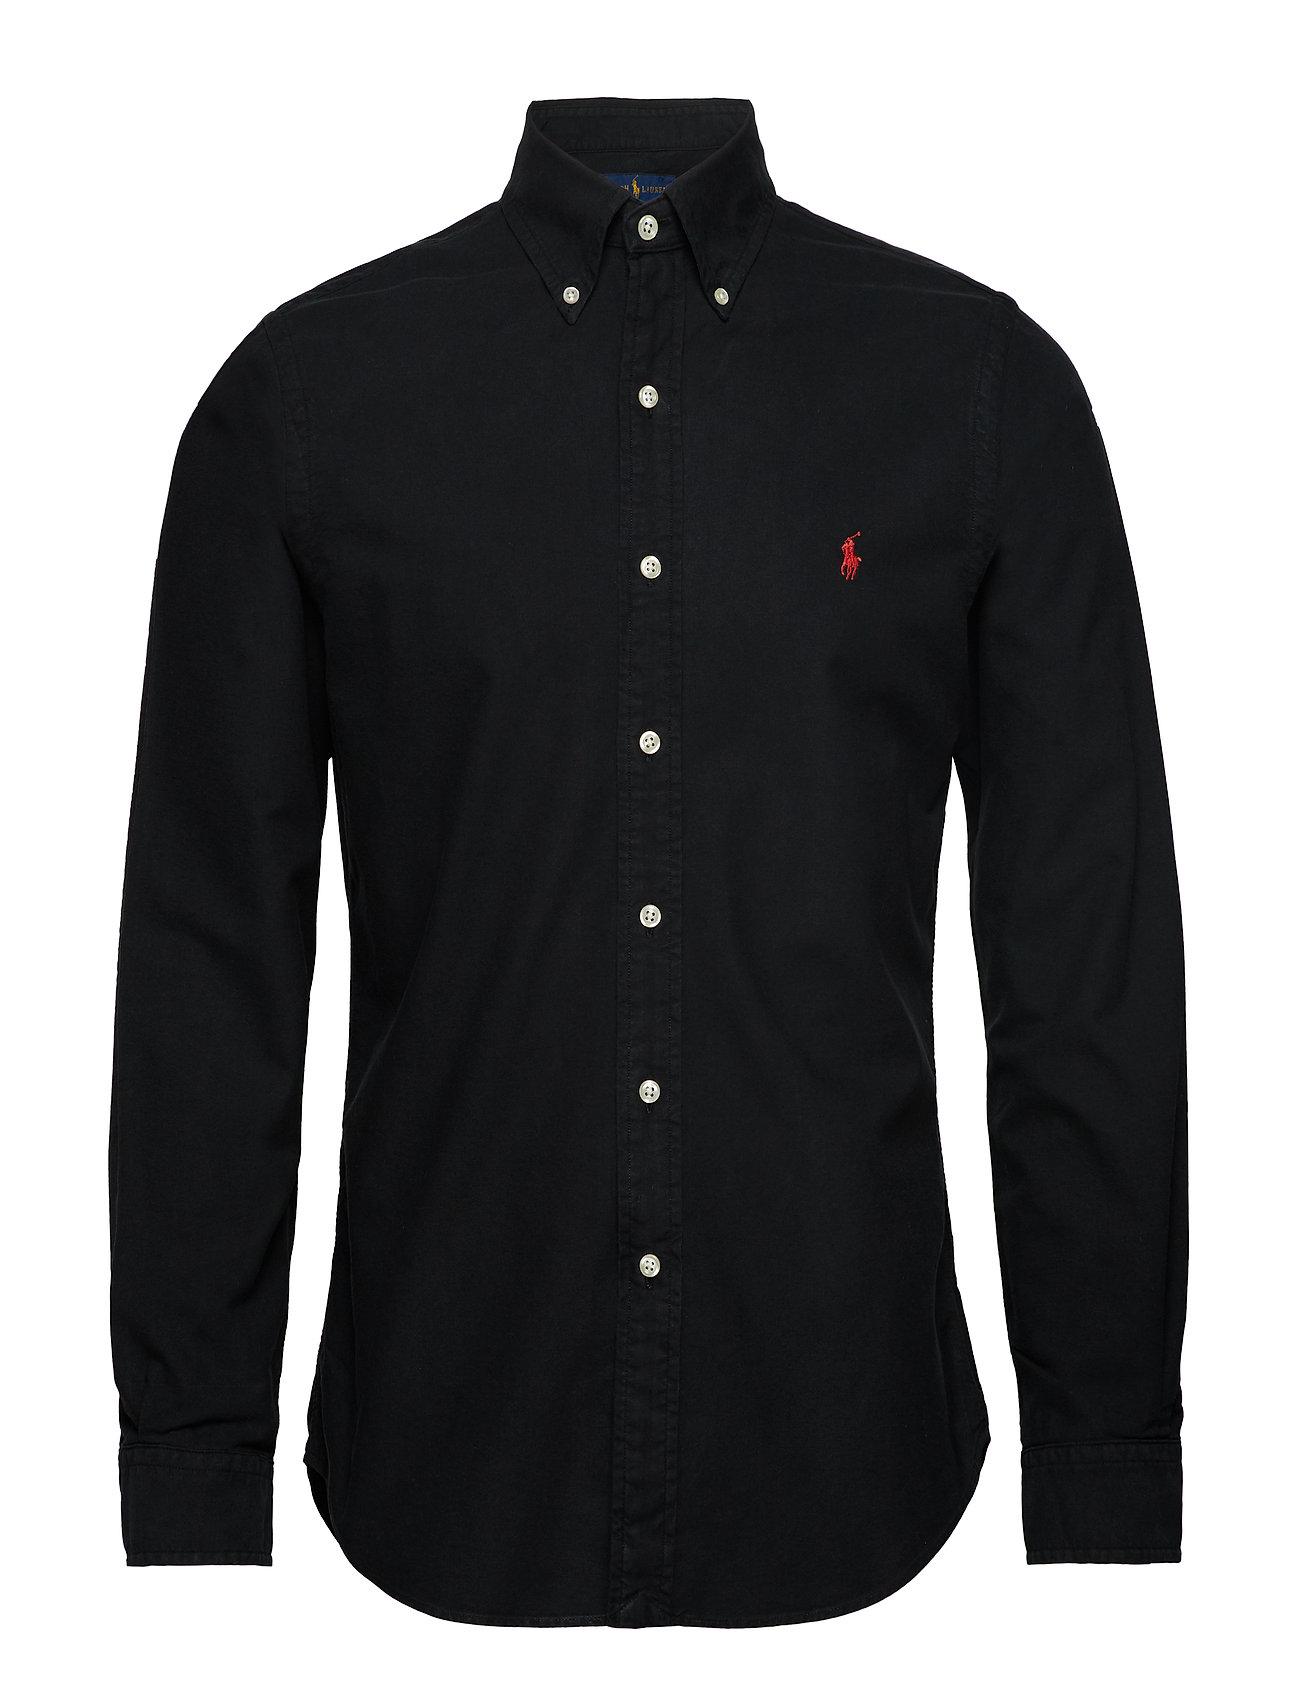 Polo Ralph Lauren Slim Fit Cotton Oxford Shirt - BLACK